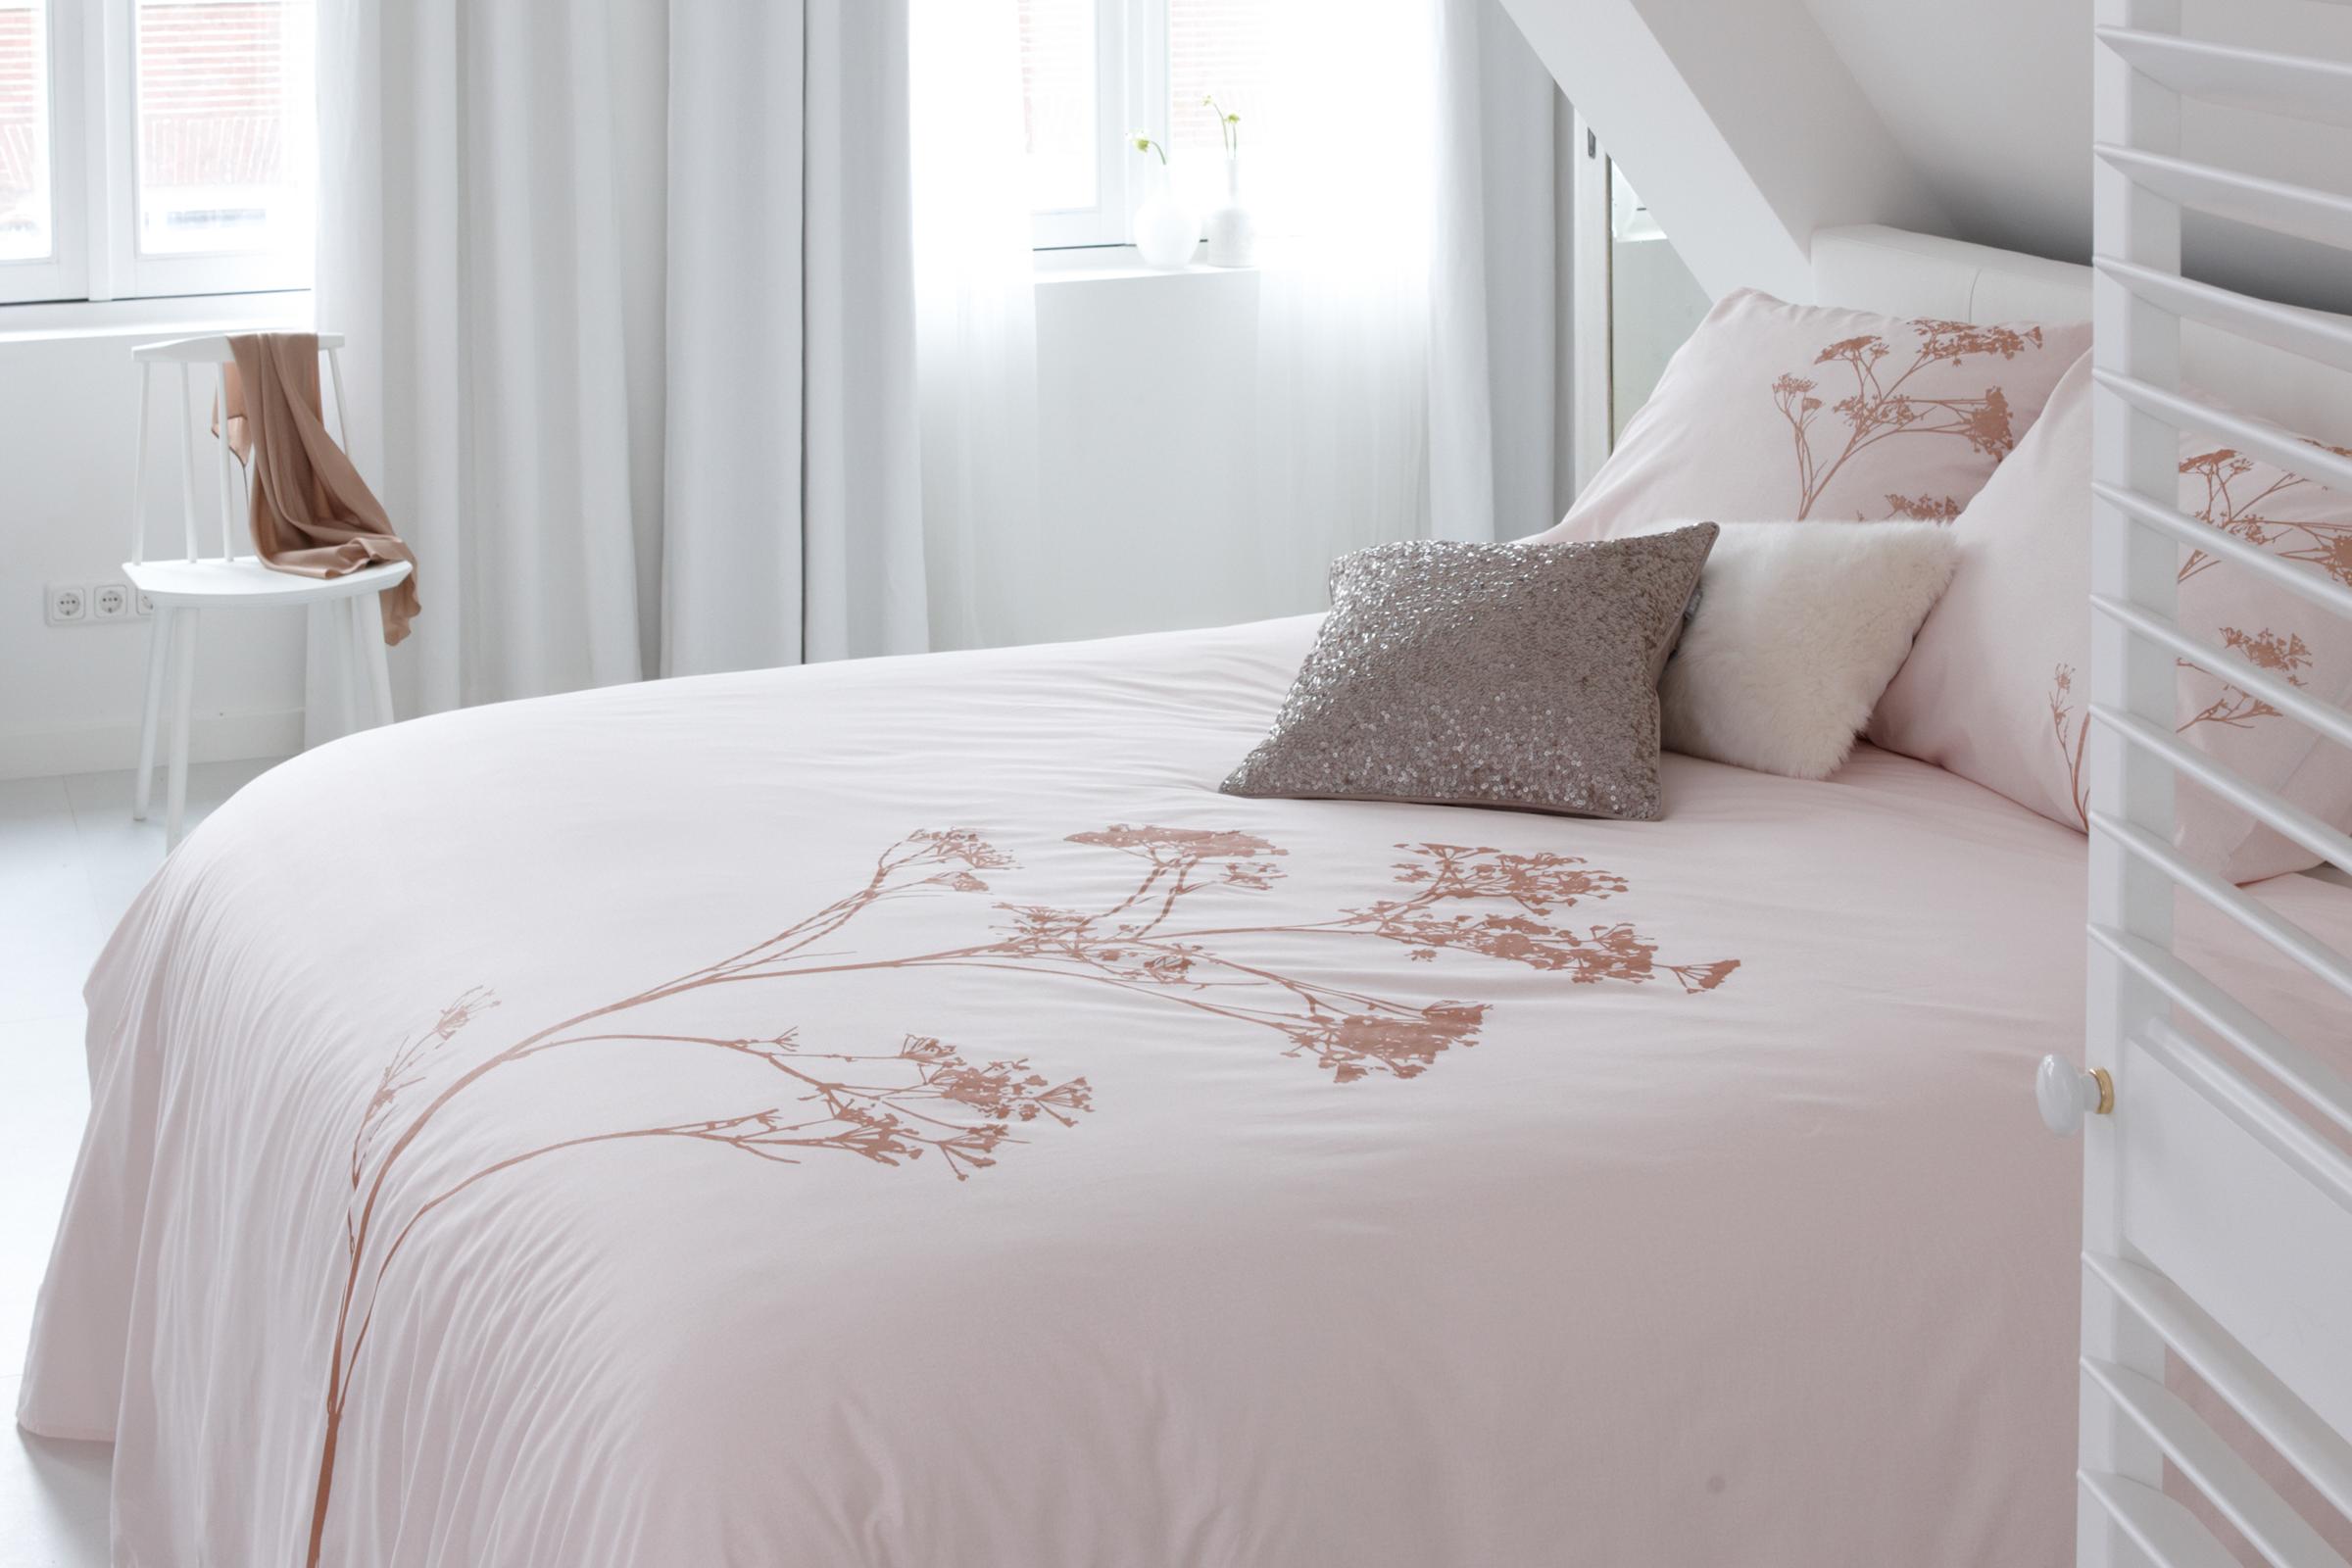 Slaapkamer Lamp Roze : Inspiratie voor een echte meiden slaapkamer -